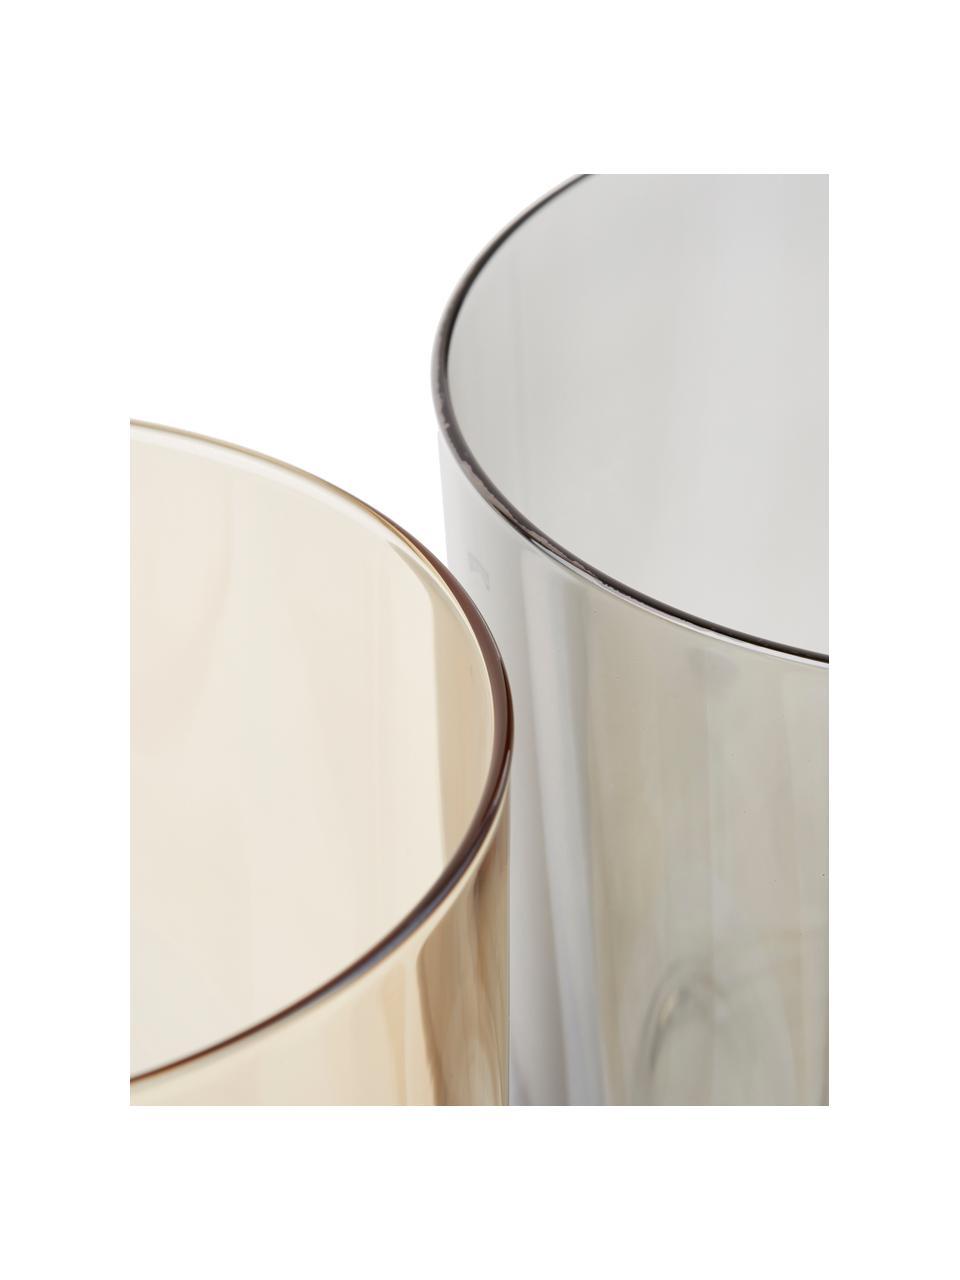 Komplet kolorowych szklanek do wody Polka, 4 elem., Szkło, Żółty, kasztanowy, szary, brązowy, Ø 9 x W 9 cm